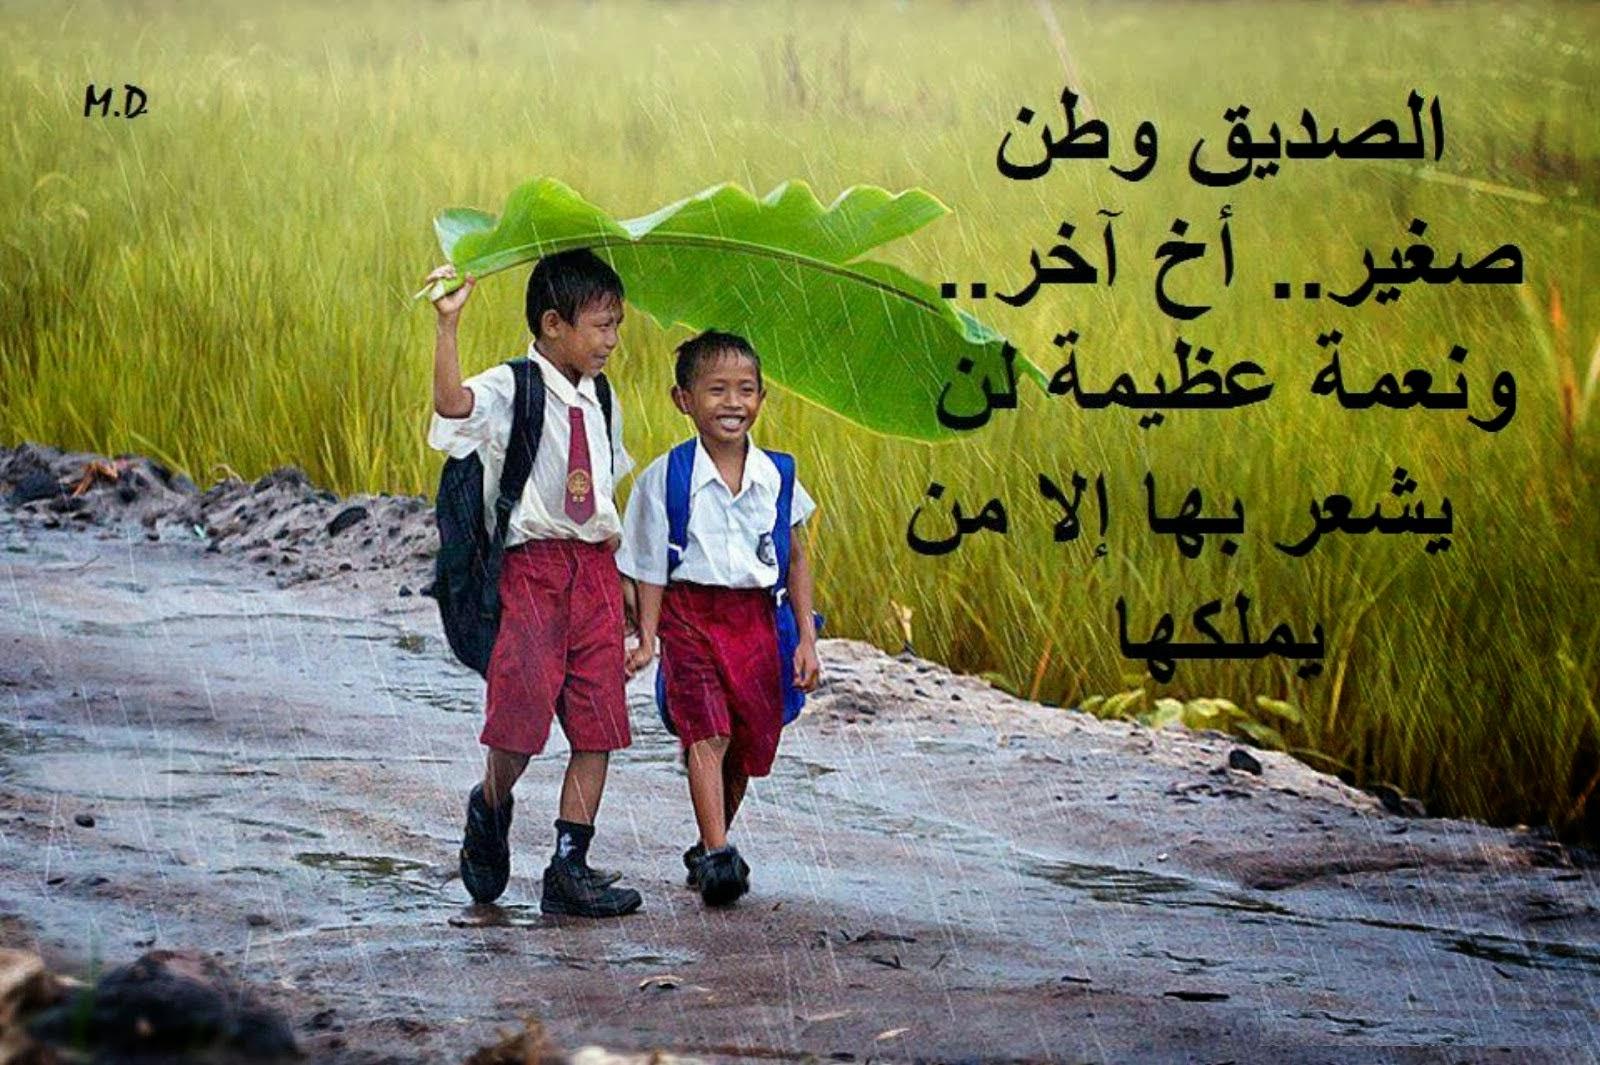 بالصور عبارات عن الصداقة قصيرة , كلام عن الصداقه جميل 3456 5